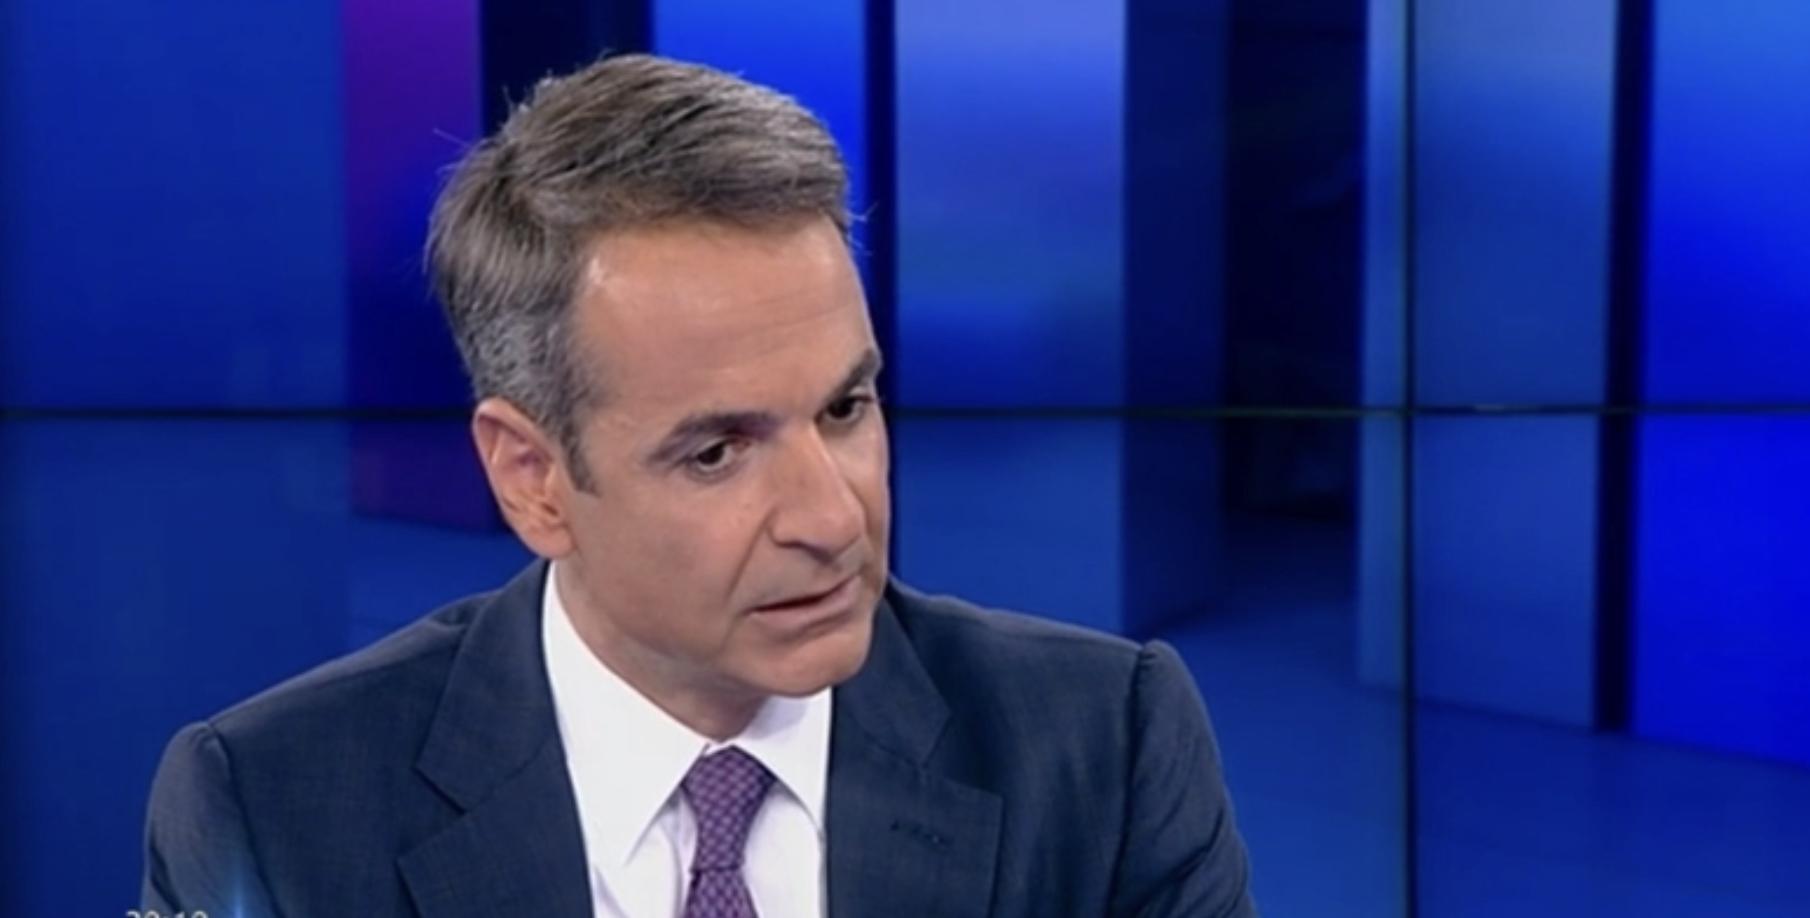 Ο Μητσοτάκης εξέφρασε την επιθυμία του να είναι πρωθυπουργός όλων των Ελλήνων